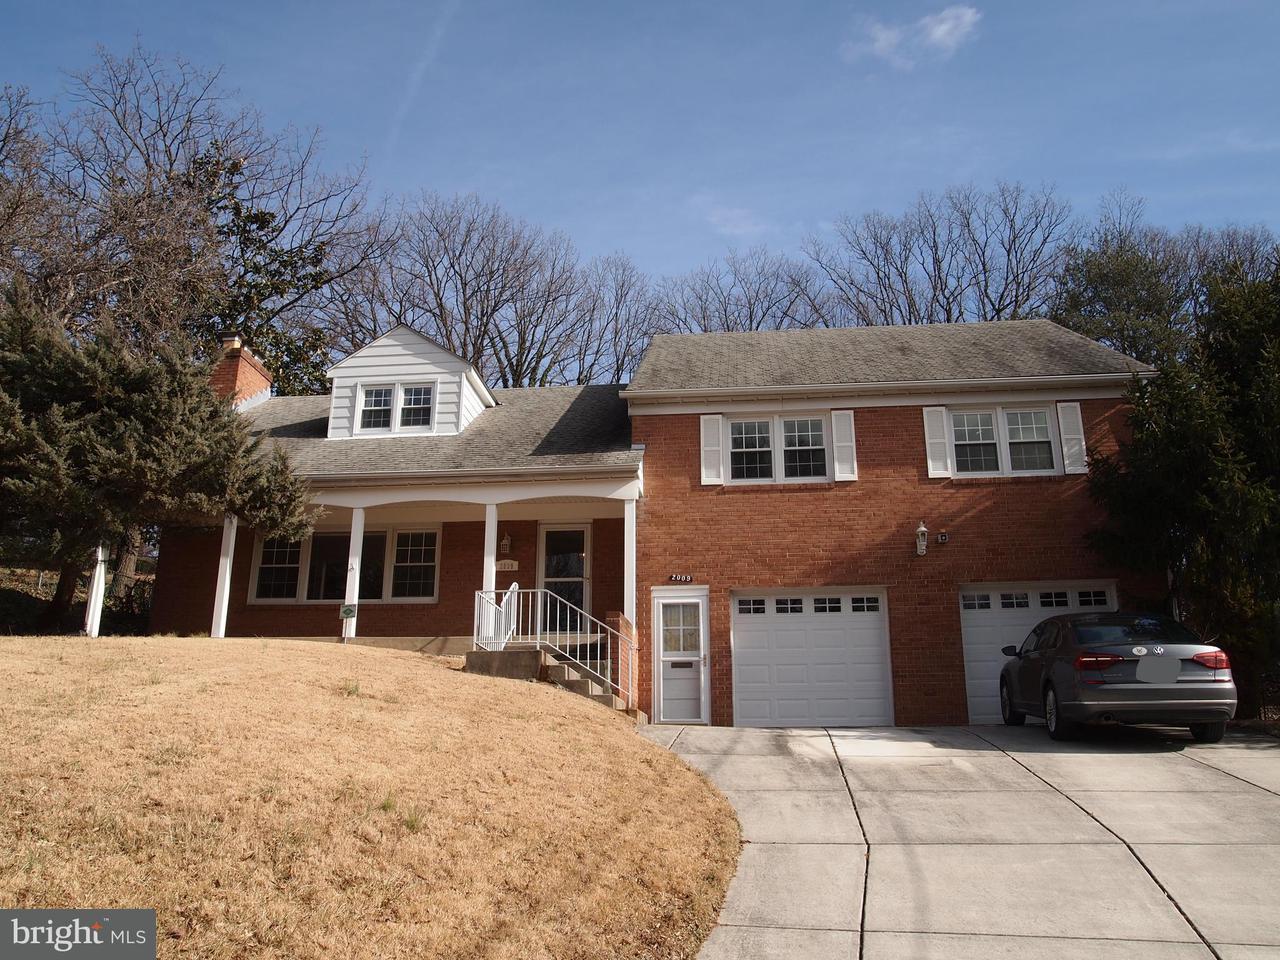 Vivienda unifamiliar por un Venta en 2009 Wooded Way 2009 Wooded Way Adelphi, Maryland 20783 Estados Unidos